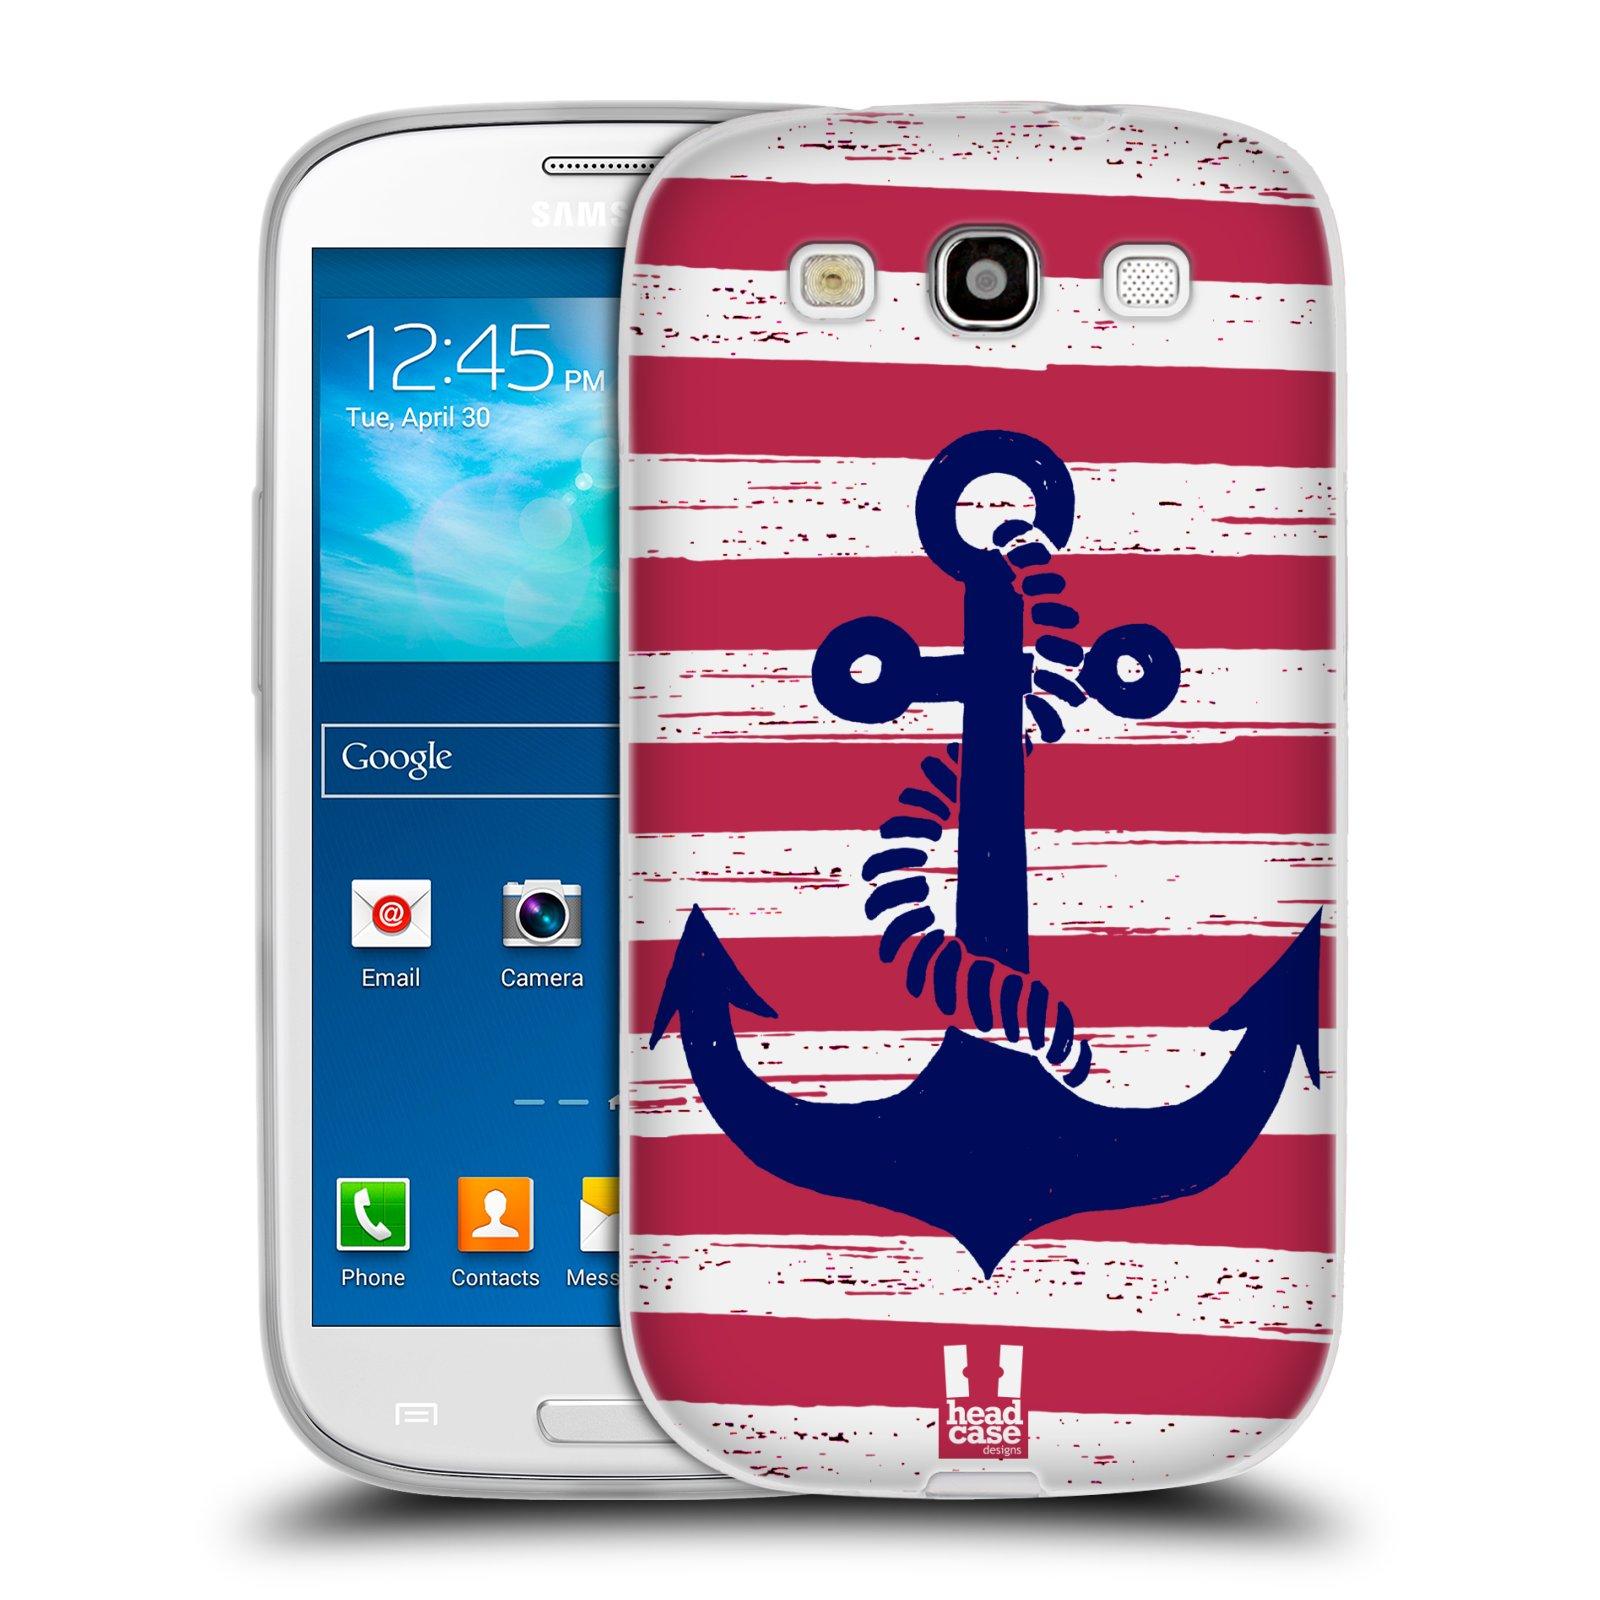 Silikonové pouzdro na mobil Samsung Galaxy S3 Neo HEAD CASE KOTVA S PRUHY (Silikonový kryt či obal na mobilní telefon Samsung Galaxy S3 Neo GT-i9301i)